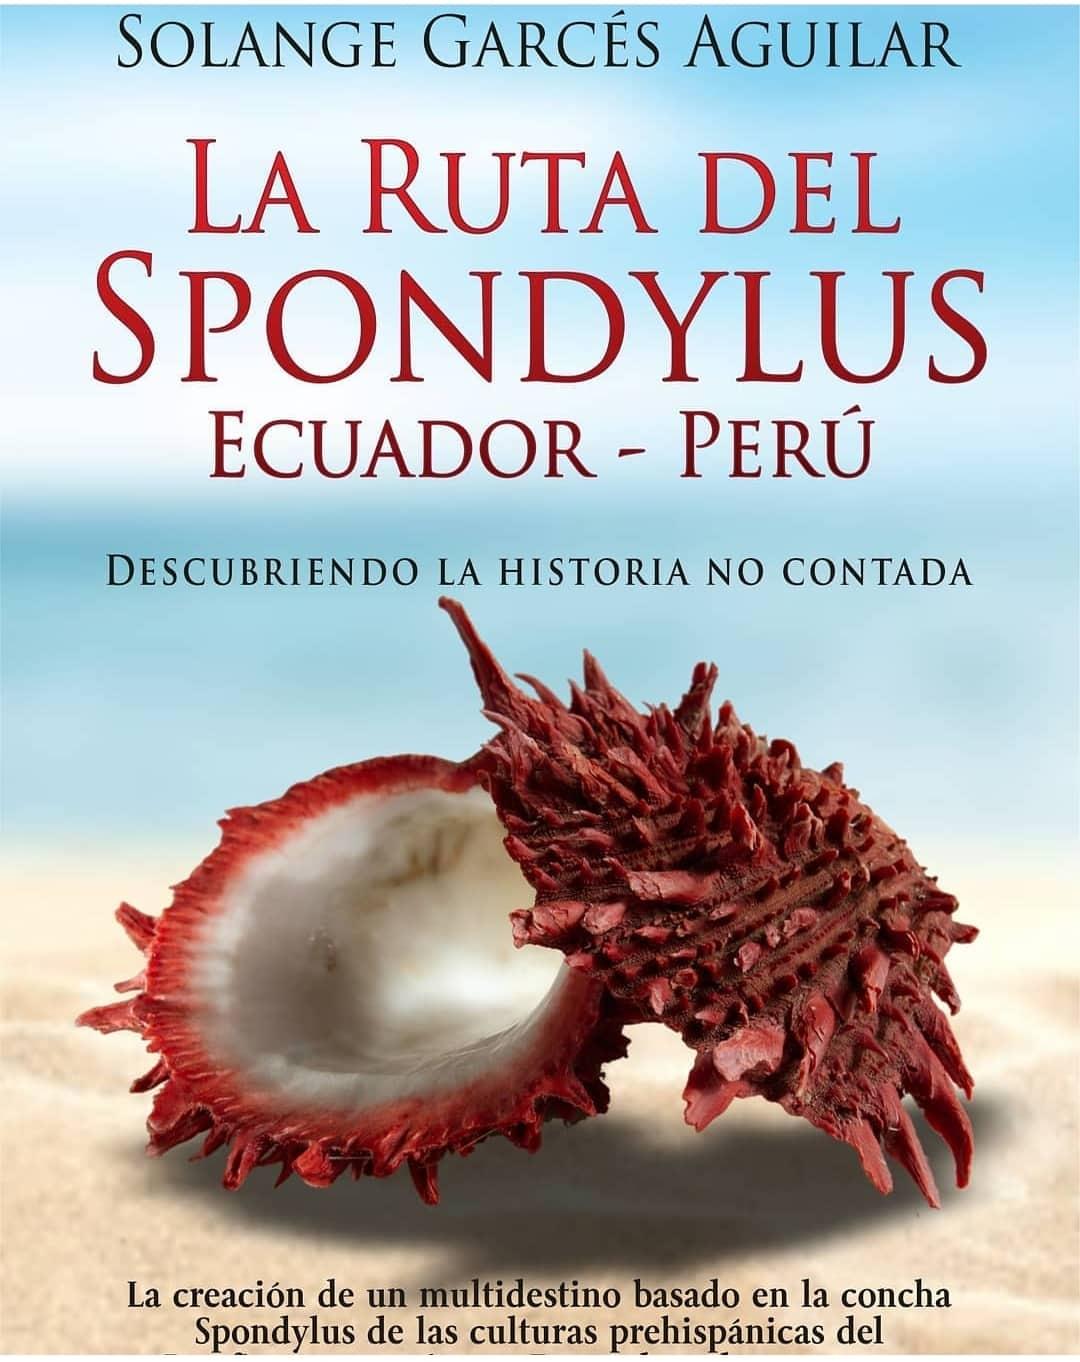 La Ruta del Spondylus Ecuador - Perú| ©Solange Garcés Aguilar